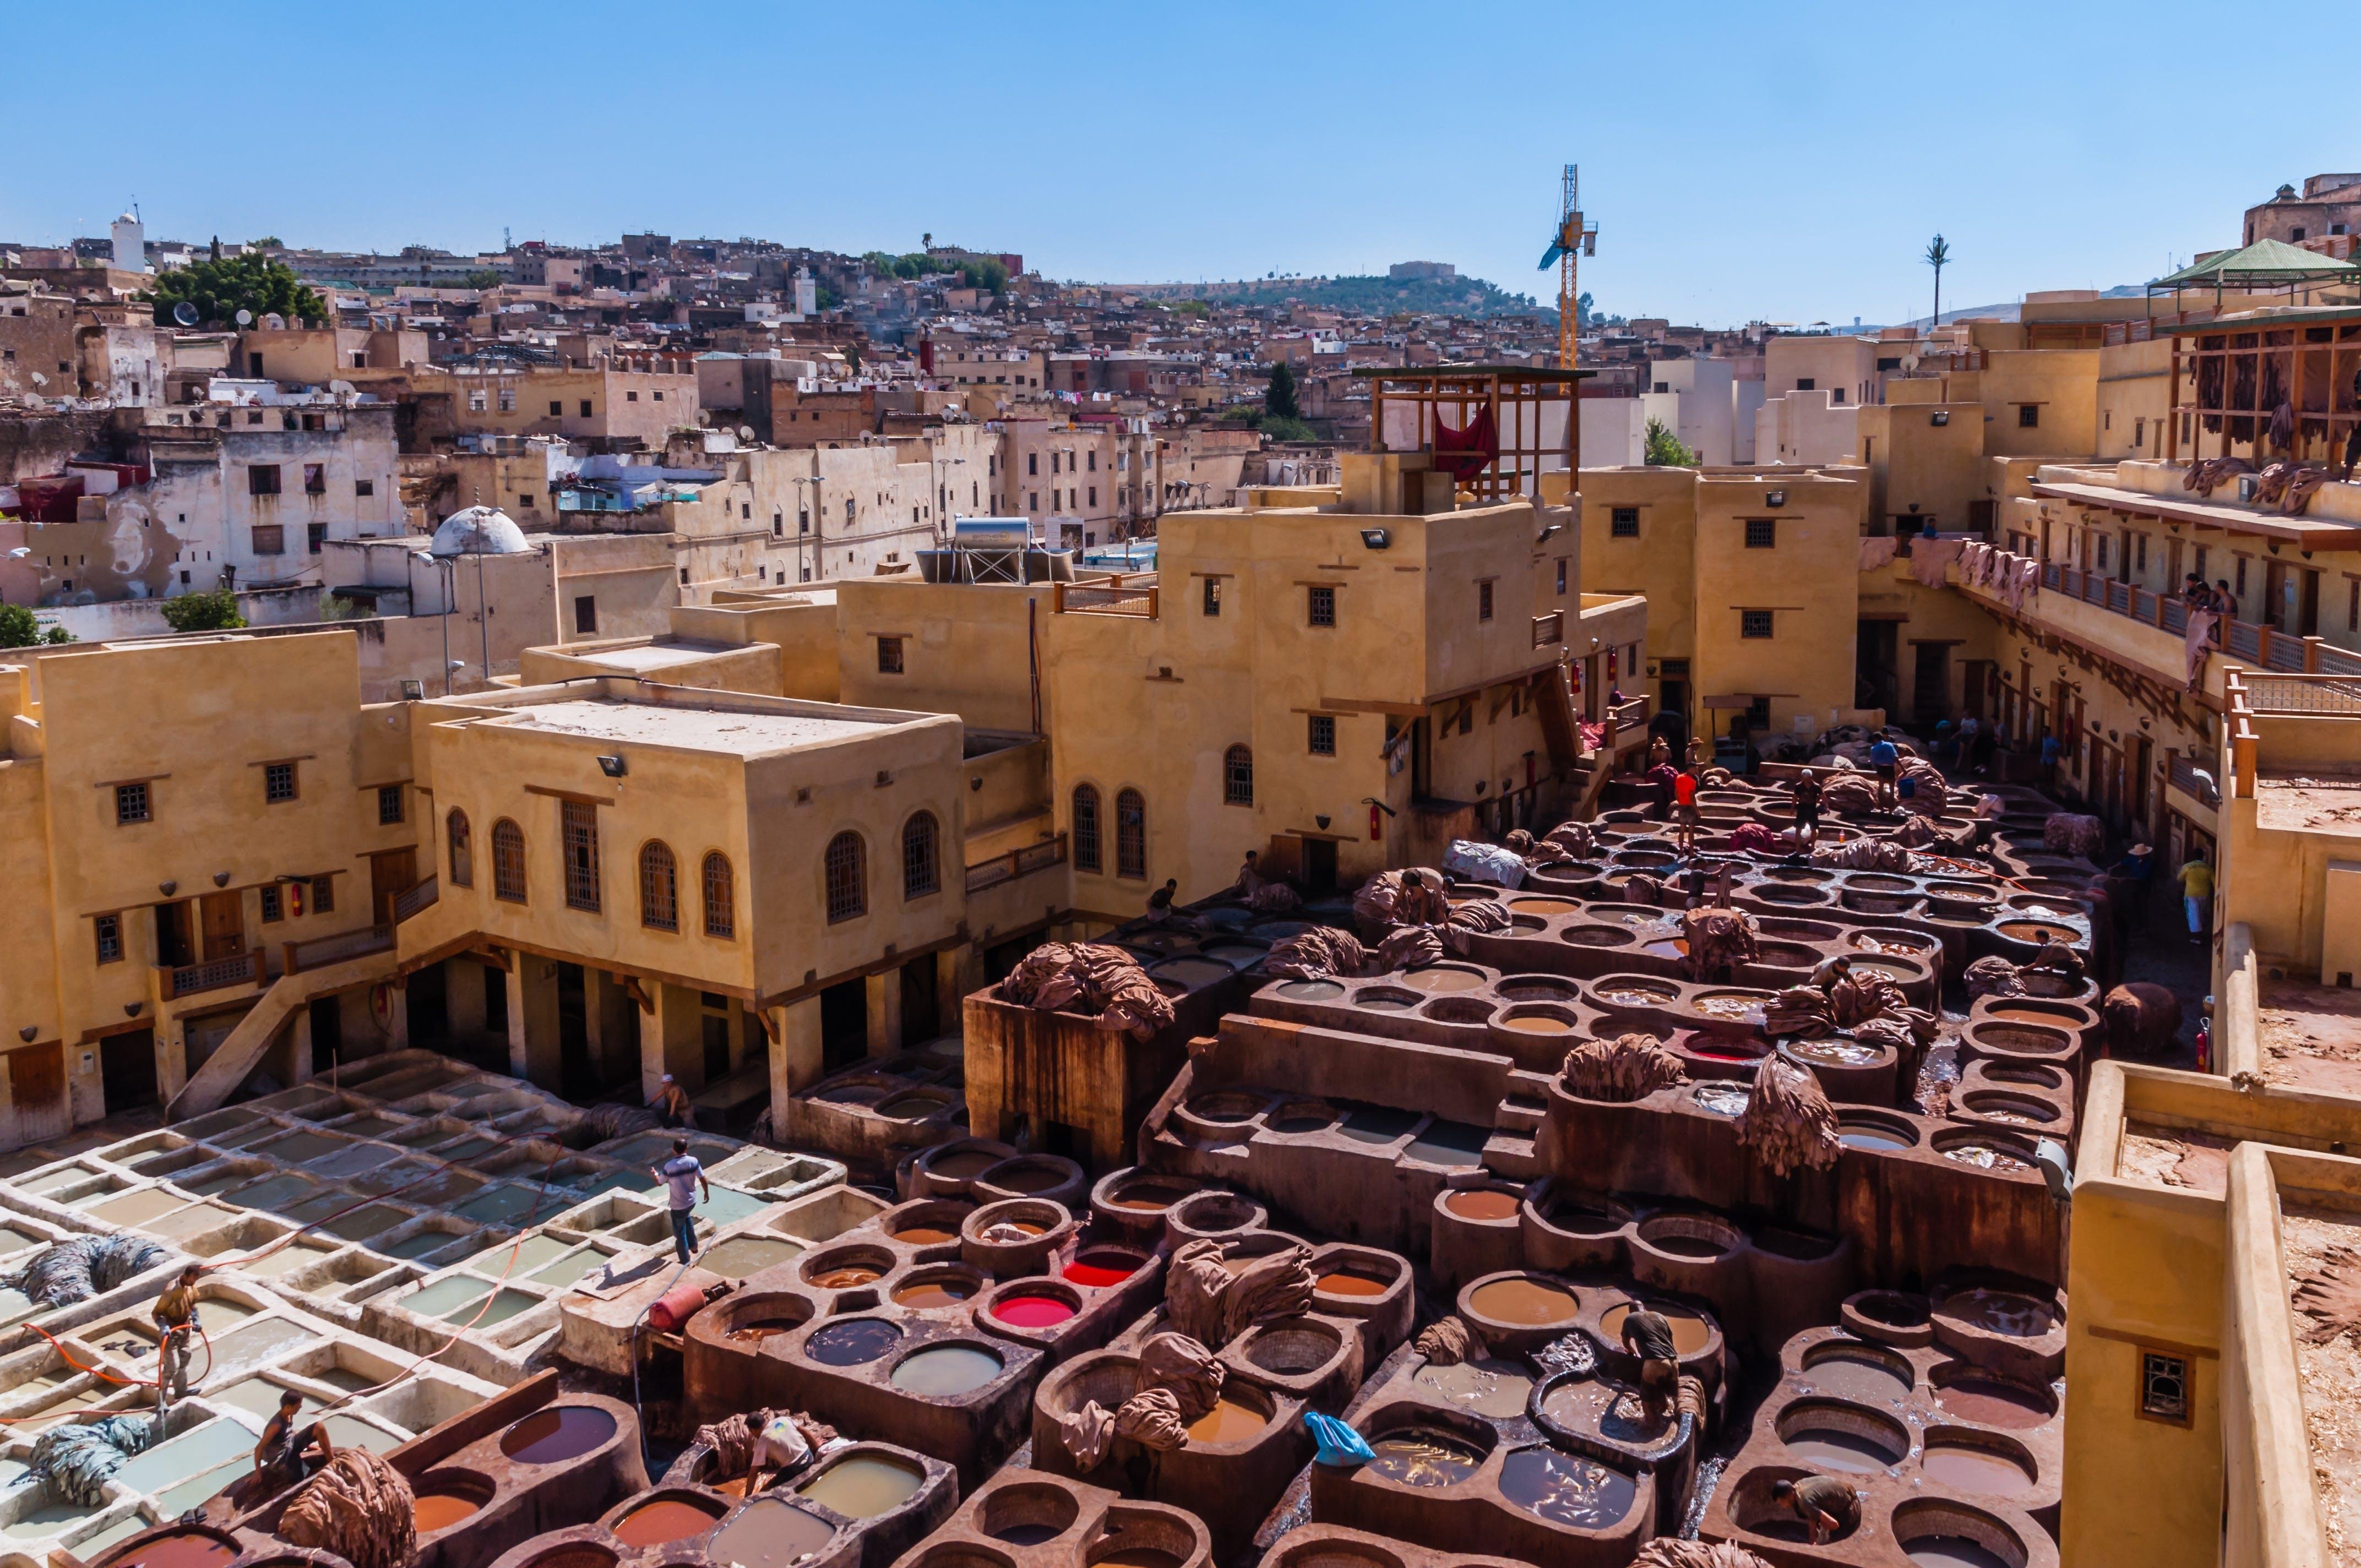 Salir de la ciudad,Excursiones de un día,Excursión a Fez